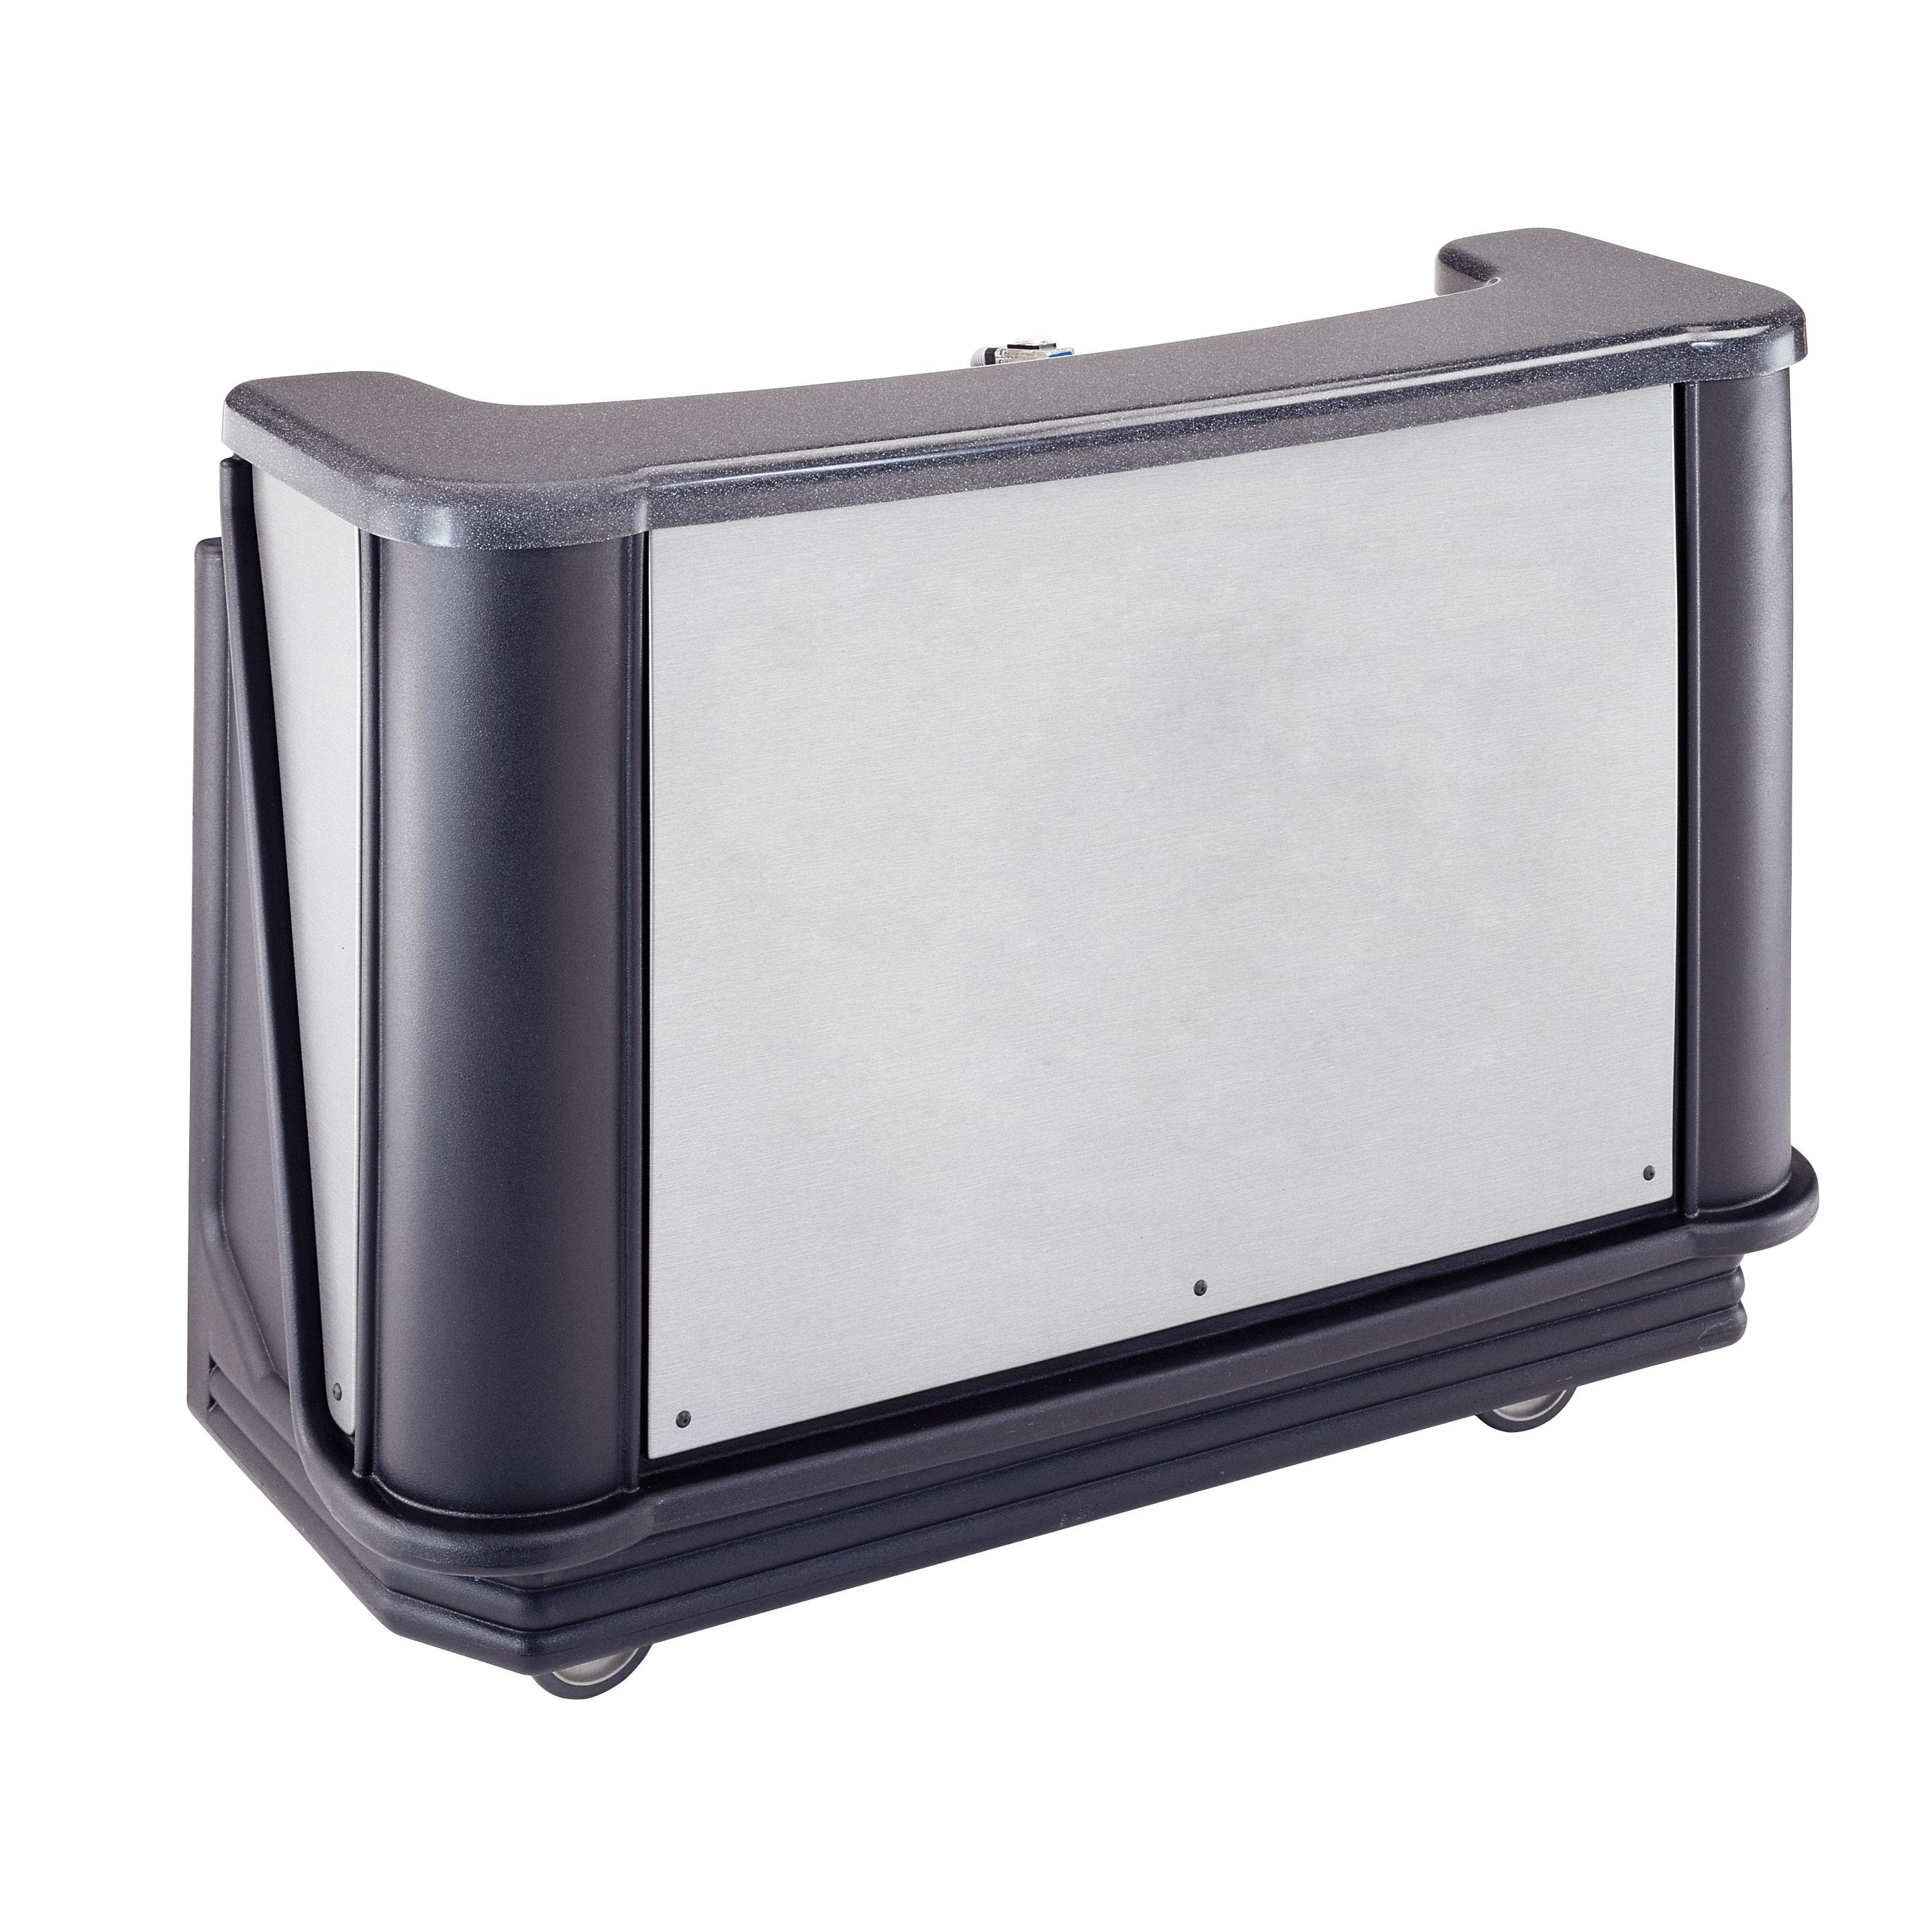 Cambro BAR650DSCP770 portable bars